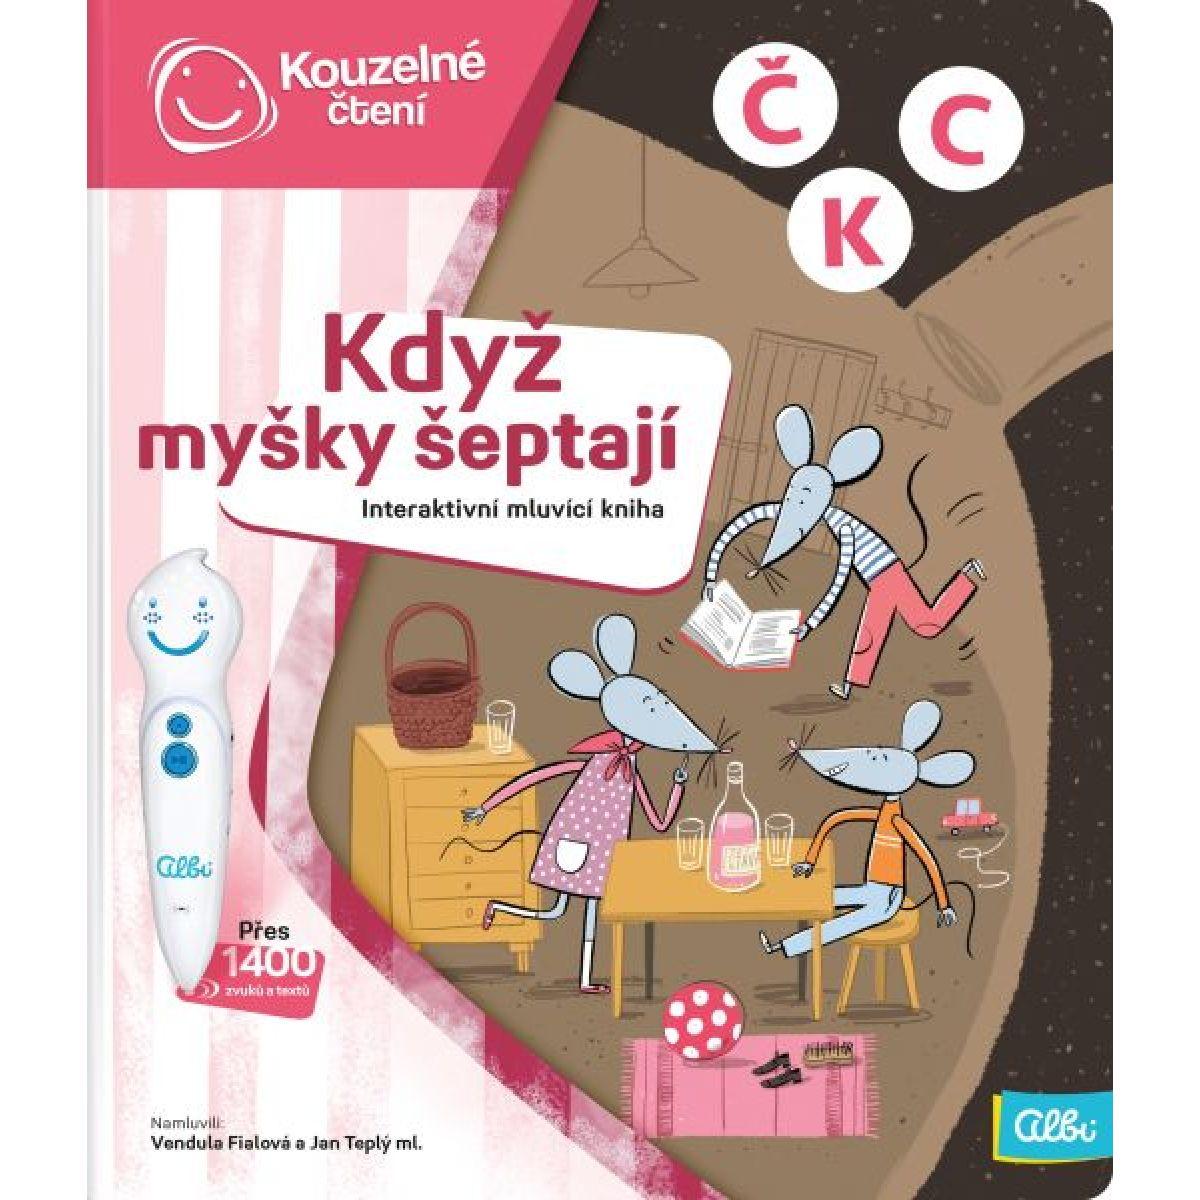 Albi Kouzelné čtení Kniha Když myšky šeptají